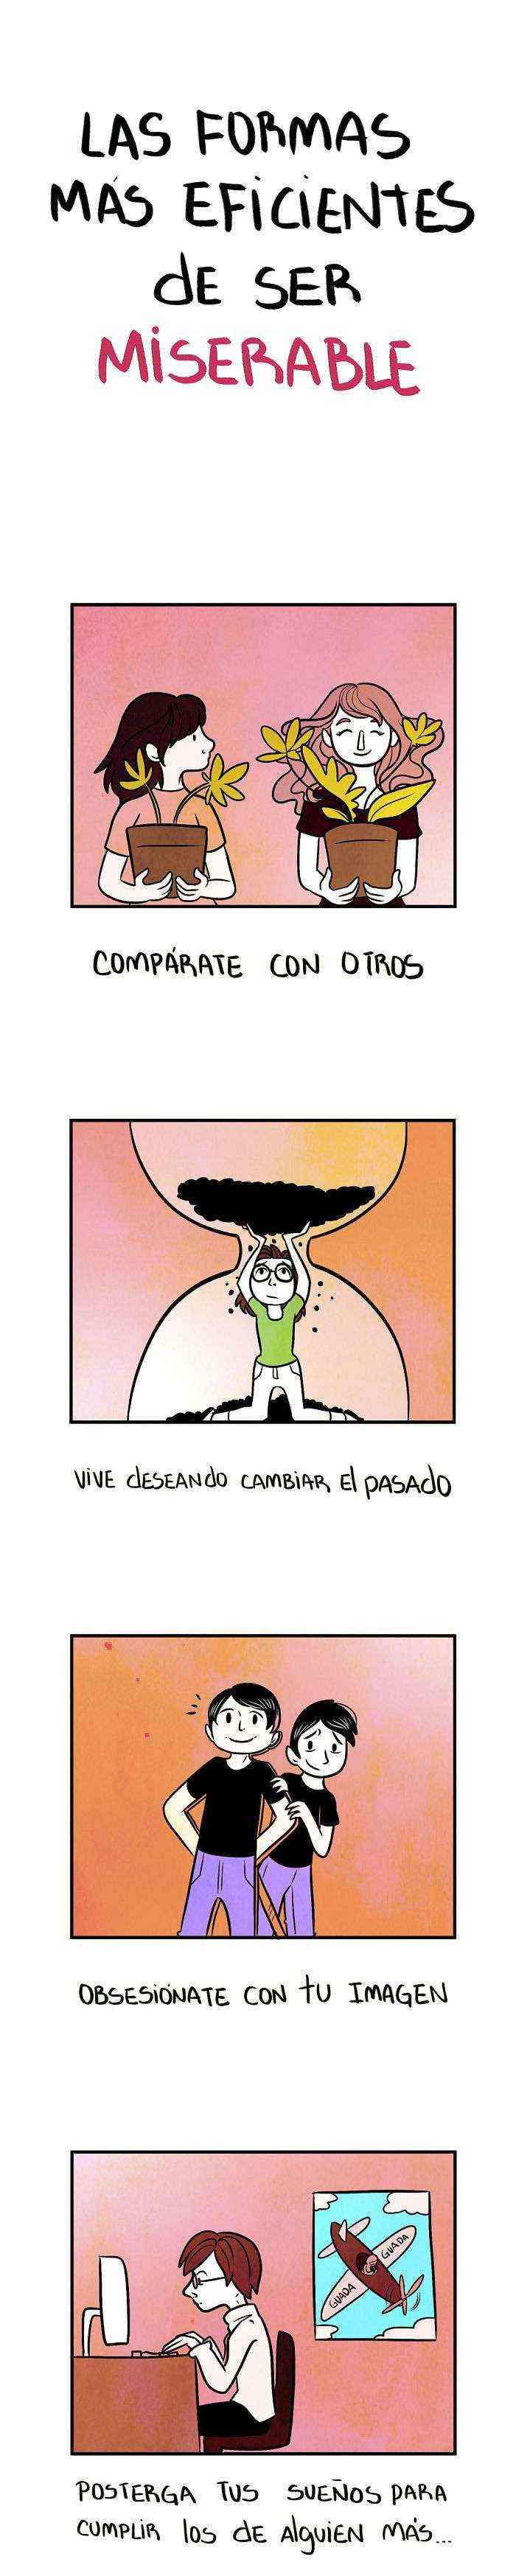 1528111844 979 20 comics sencillos pero elocuentes creados por una dibujante venezolana que te haran pensar y sonreir tambien - 20+ Cómics sencillos pero elocuentes creados por una dibujante venezolana que te harán pensar y sonreír también